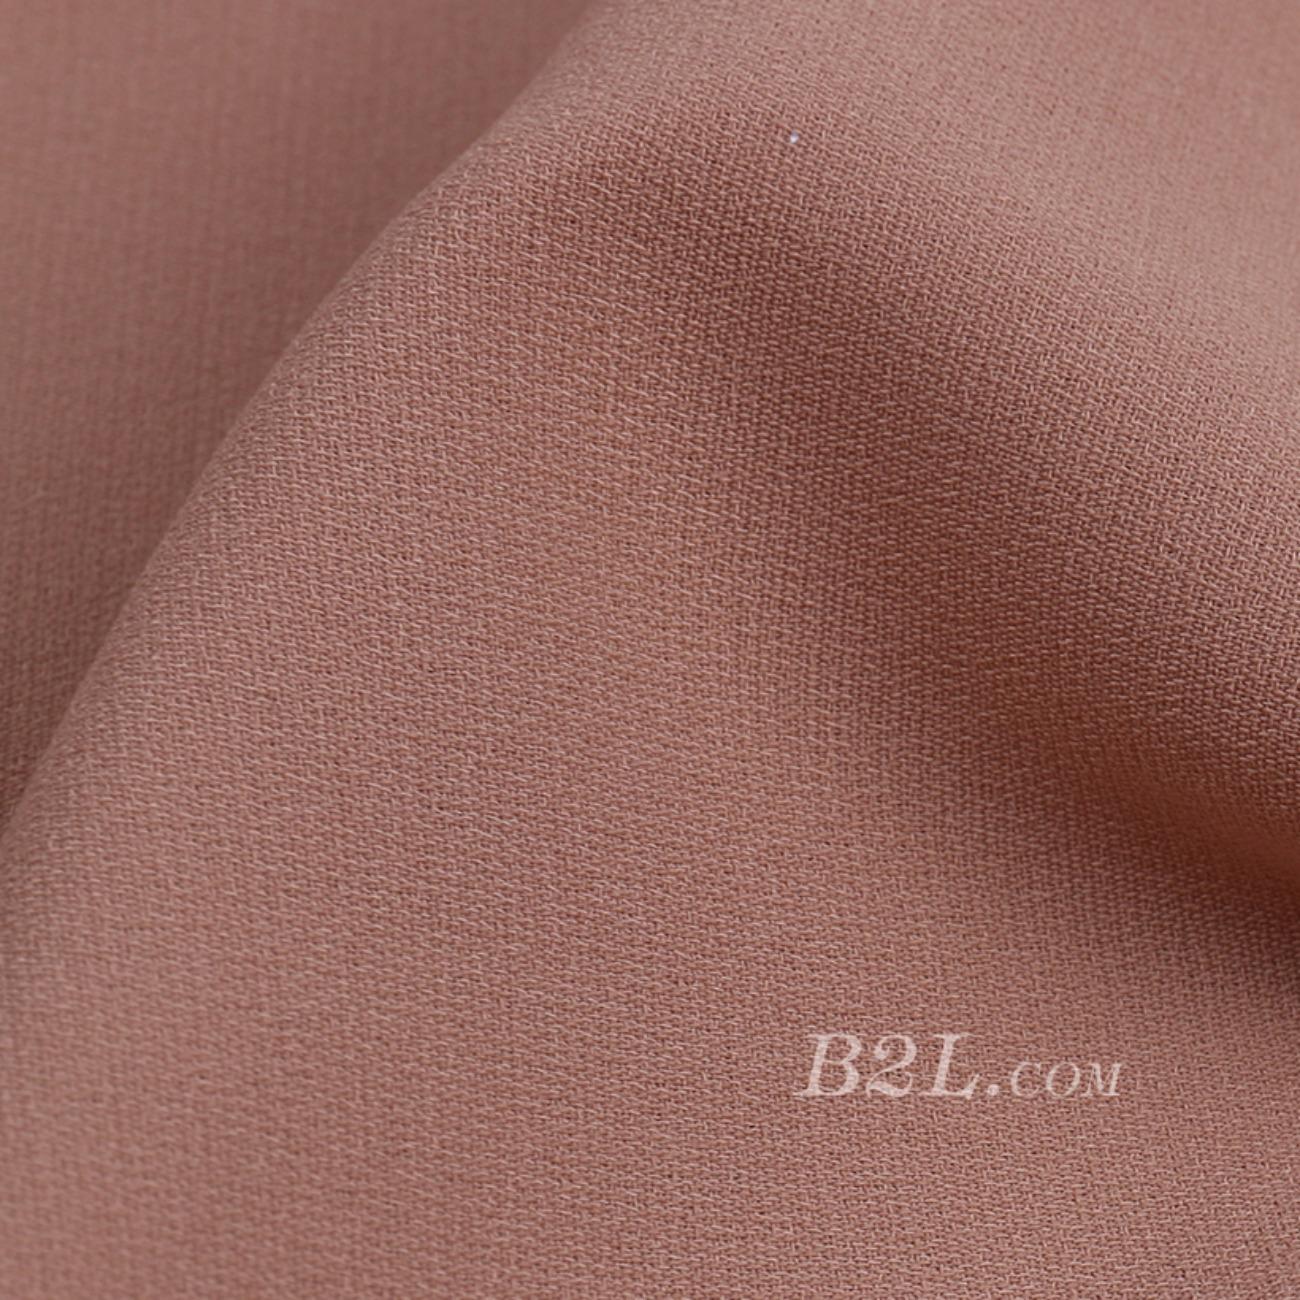 麻料 平纹梭织素色染色连衣裙 短裙 衬衫 无弹 春 秋 柔软 麻感 70703-19